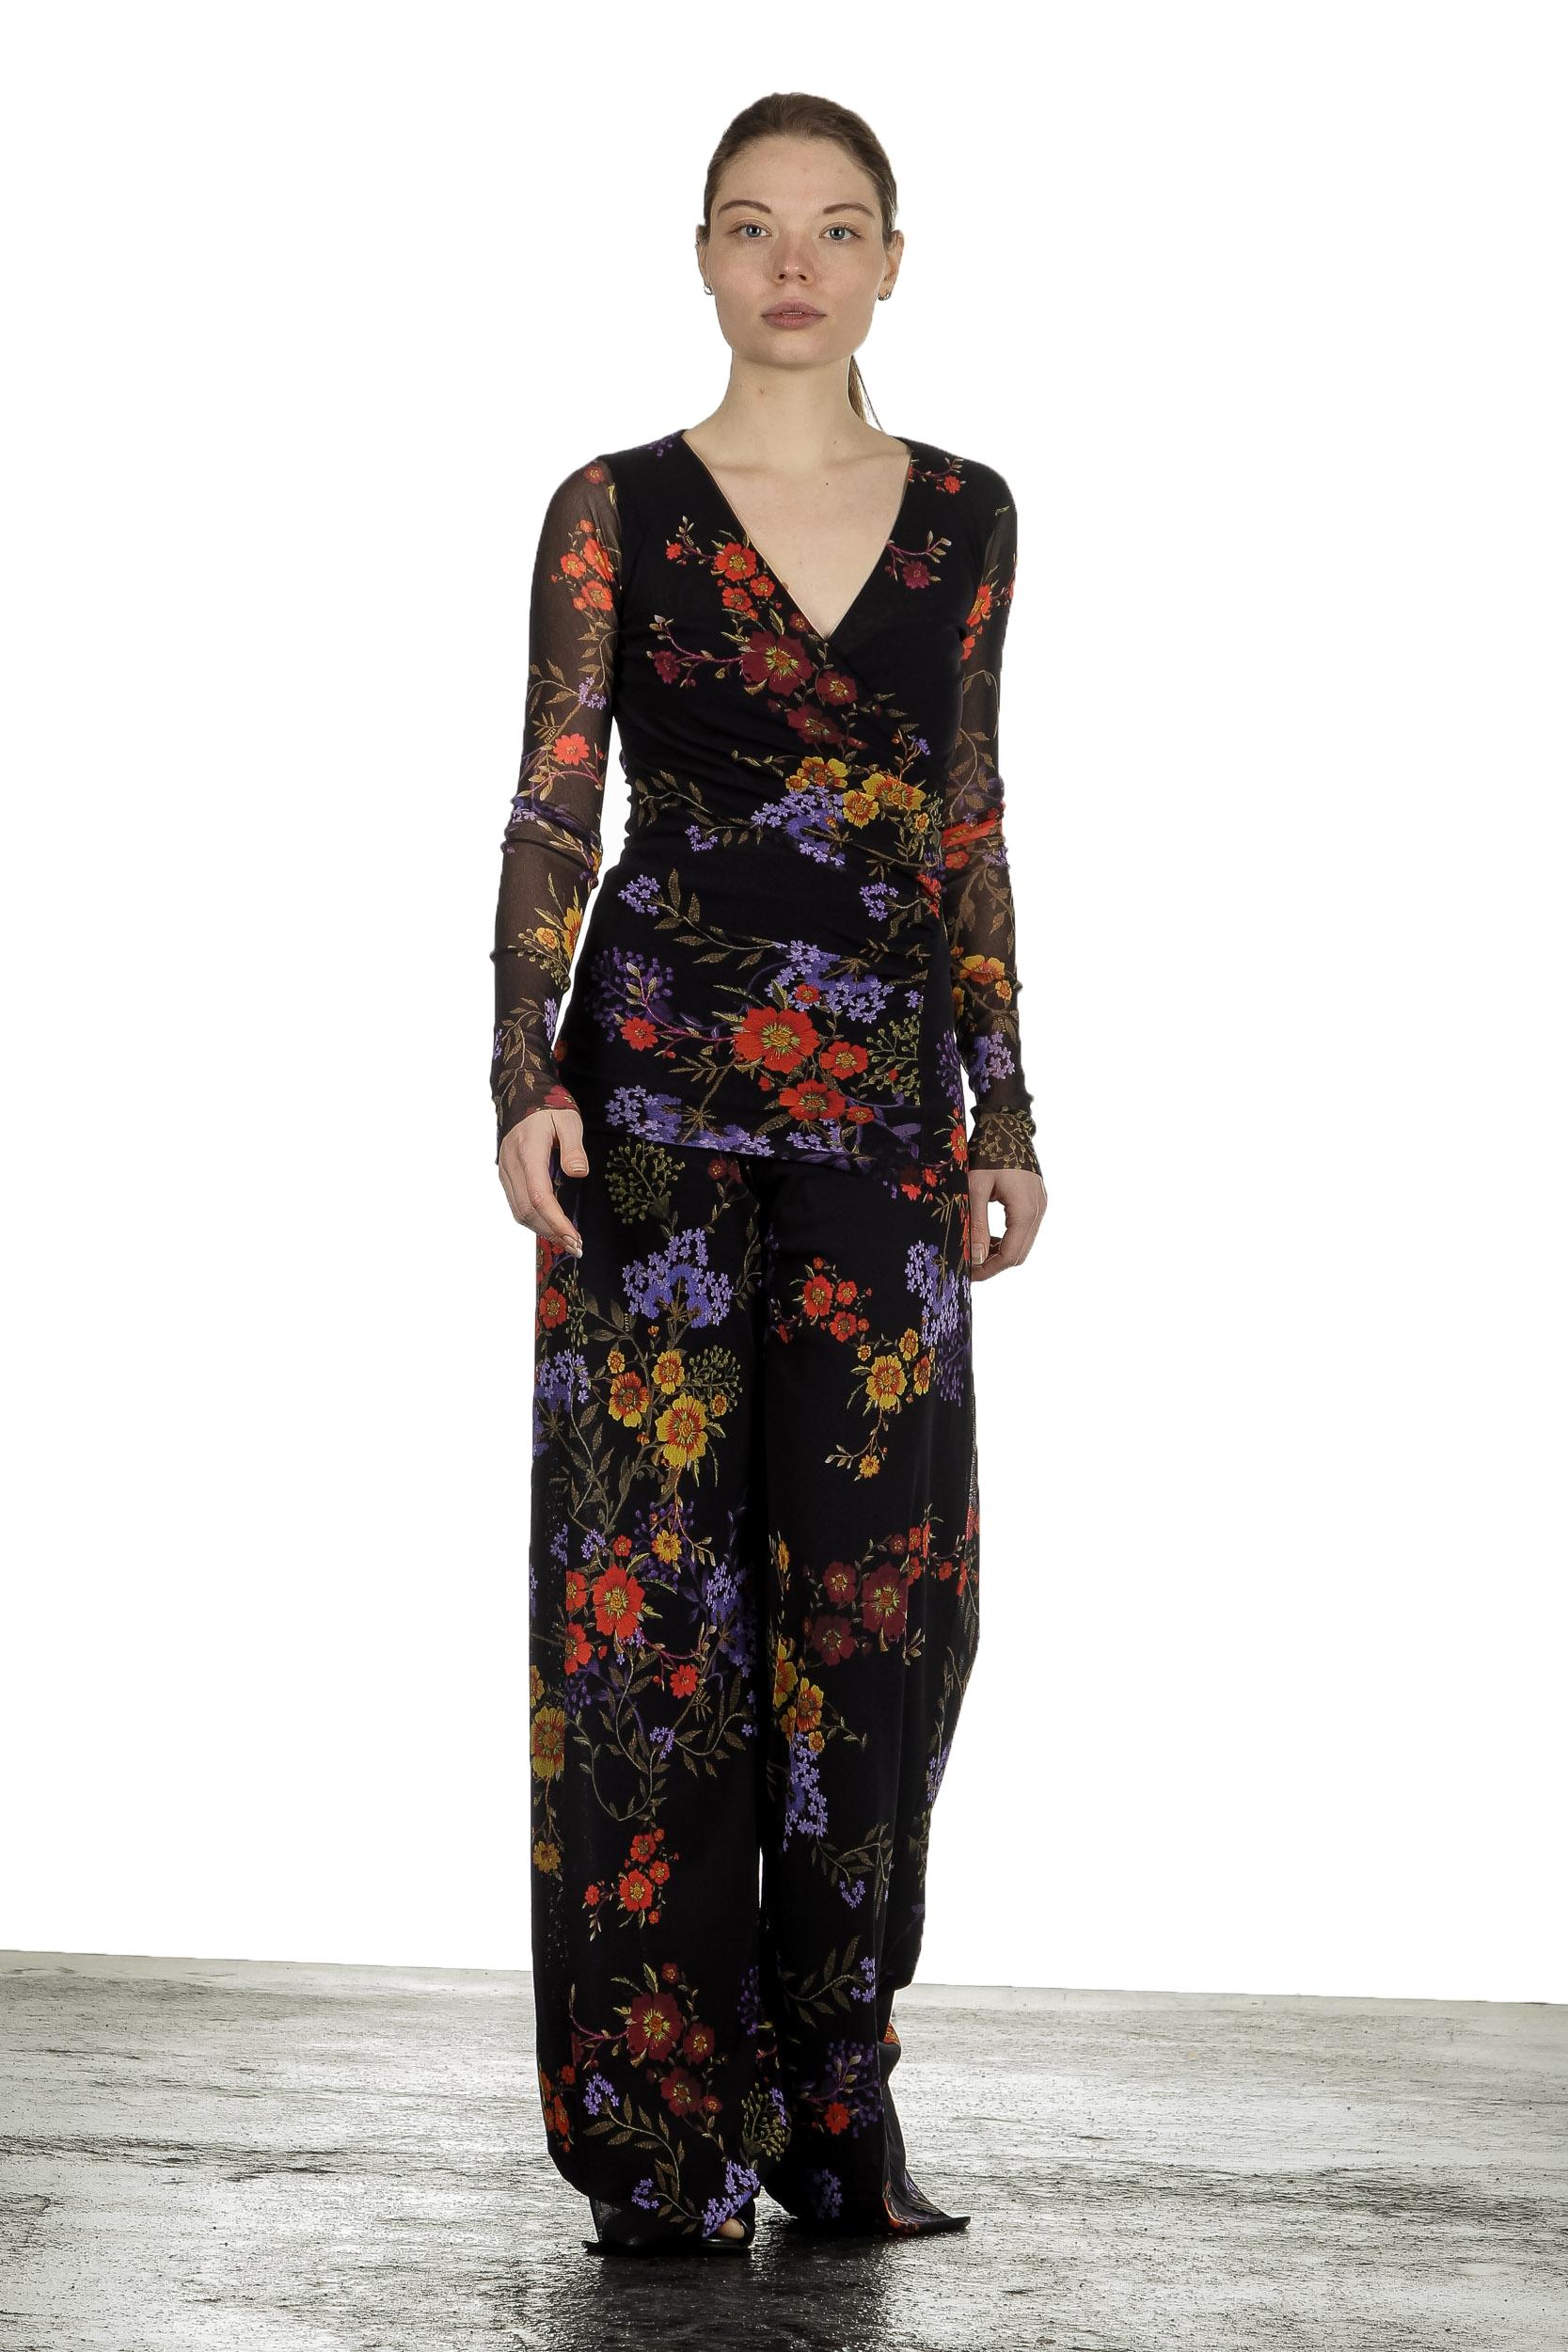 Hosen - FUZZI Damen Hosenrock mit Blumen Print mehrfarbig  - Onlineshop Luxury Loft